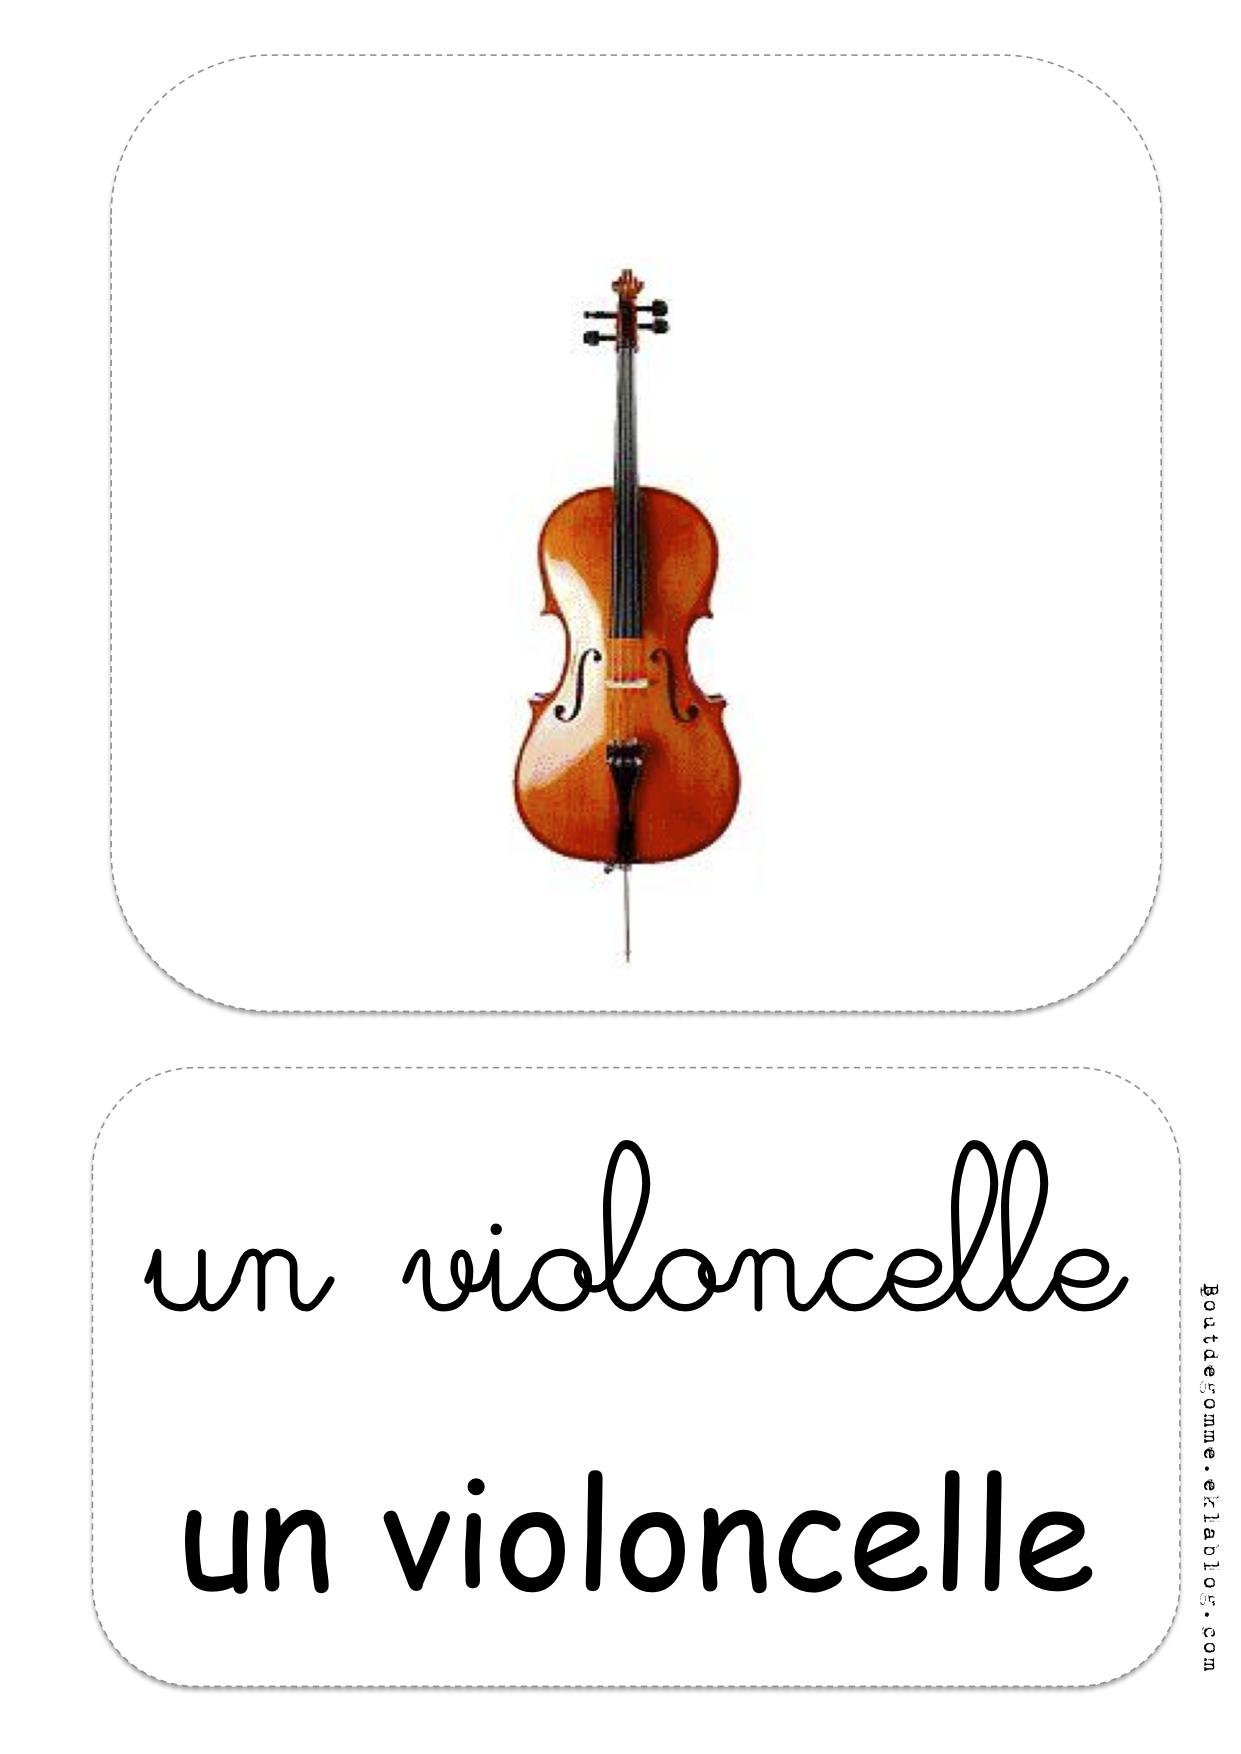 Les Instruments De Musique : Exercices | Bout De Gomme encequiconcerne Image Instrument De Musique À Imprimer